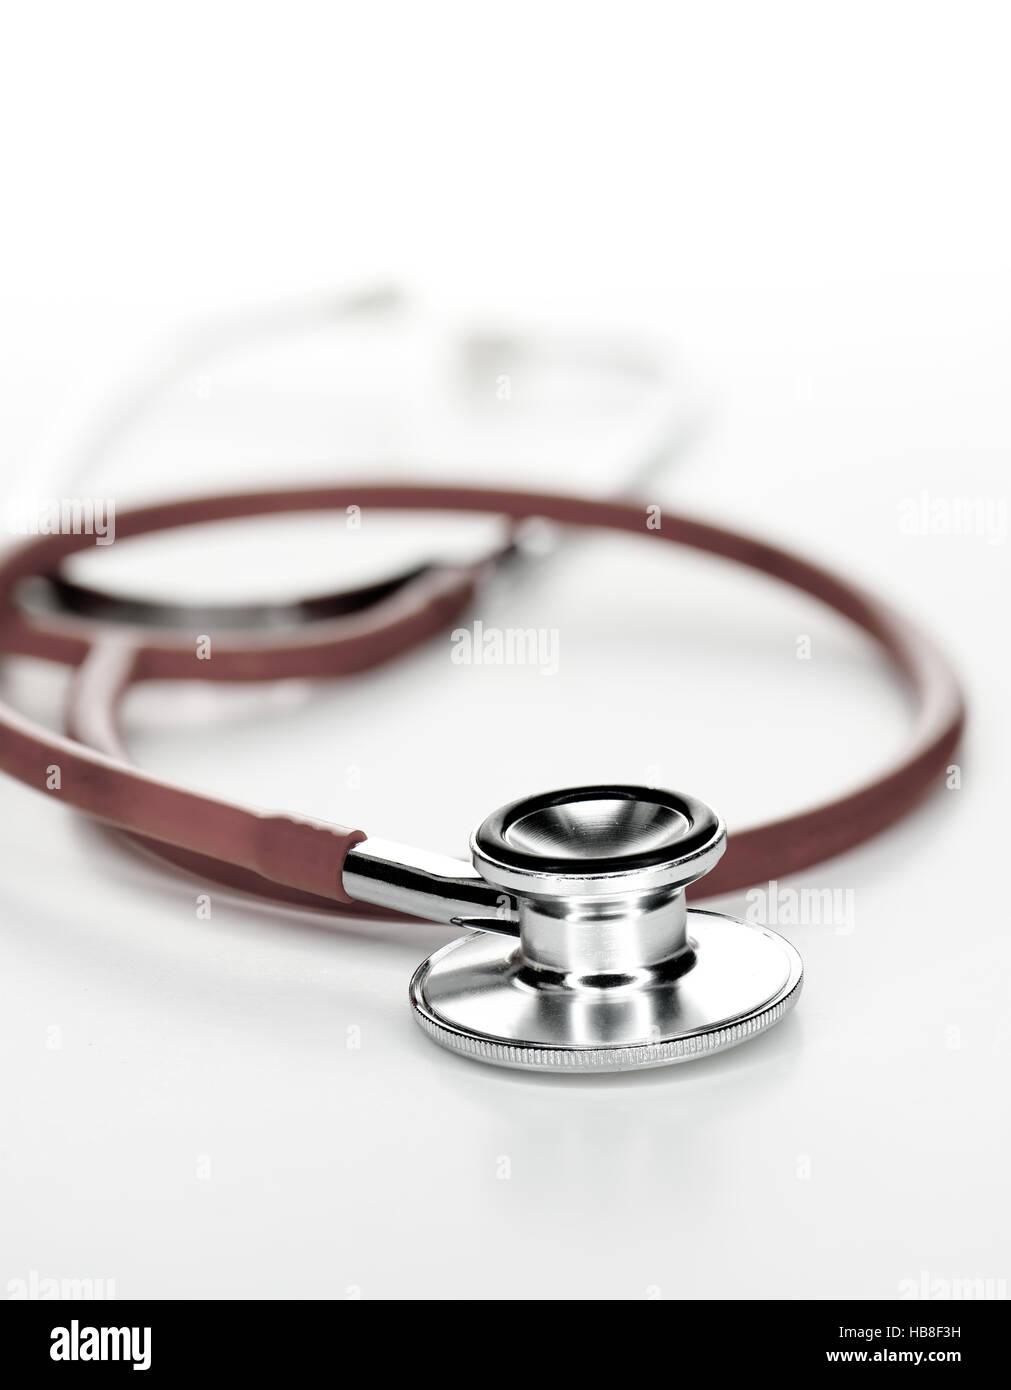 Stéthoscope clinique close-up sur fond clair, généreux d'hébergement pour copier l'espace. Photo Stock